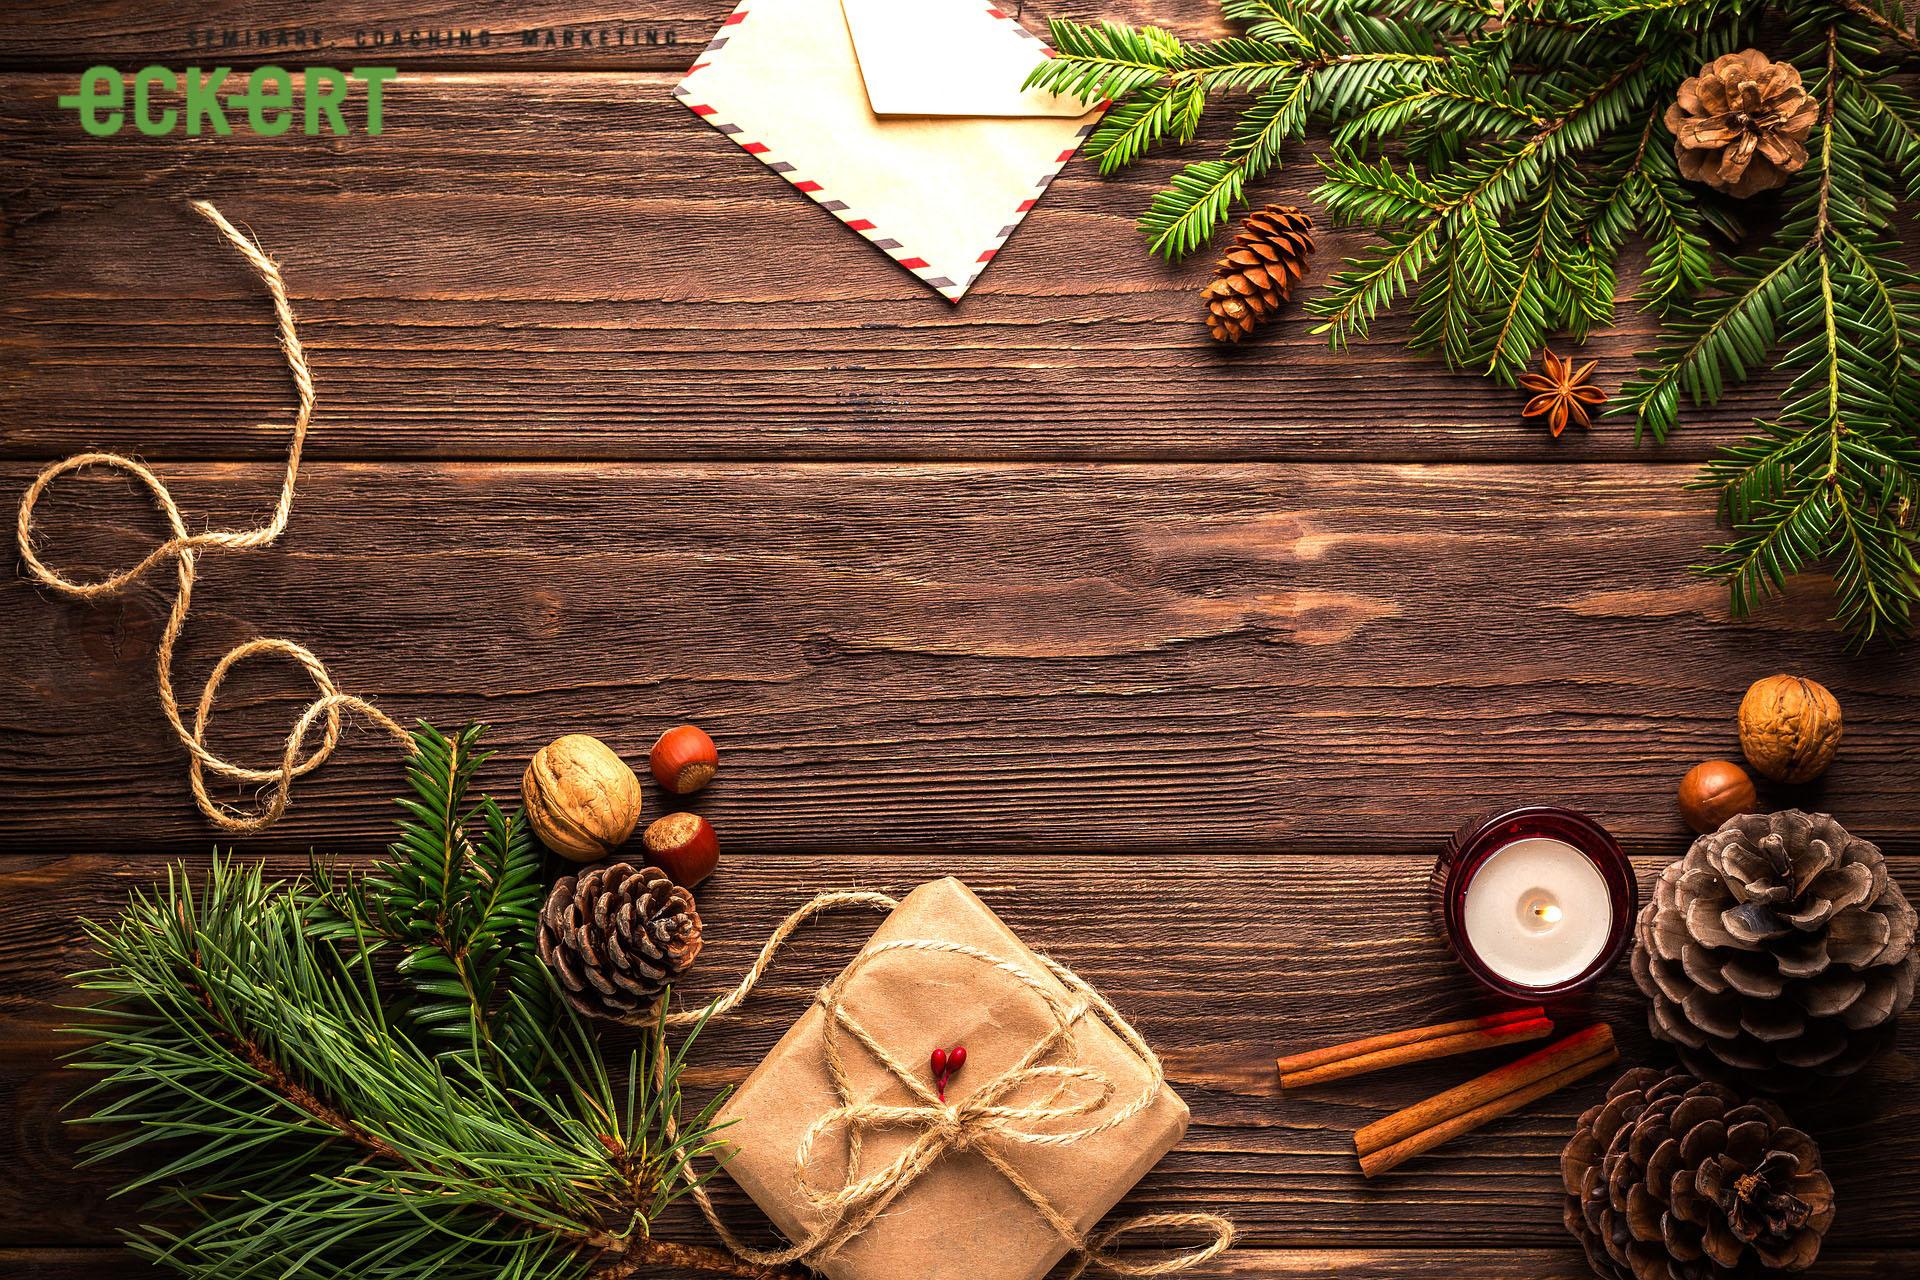 Bewährte Methoden, um Ihre Weihnachtsverkäufe zu verbessern (1/2)